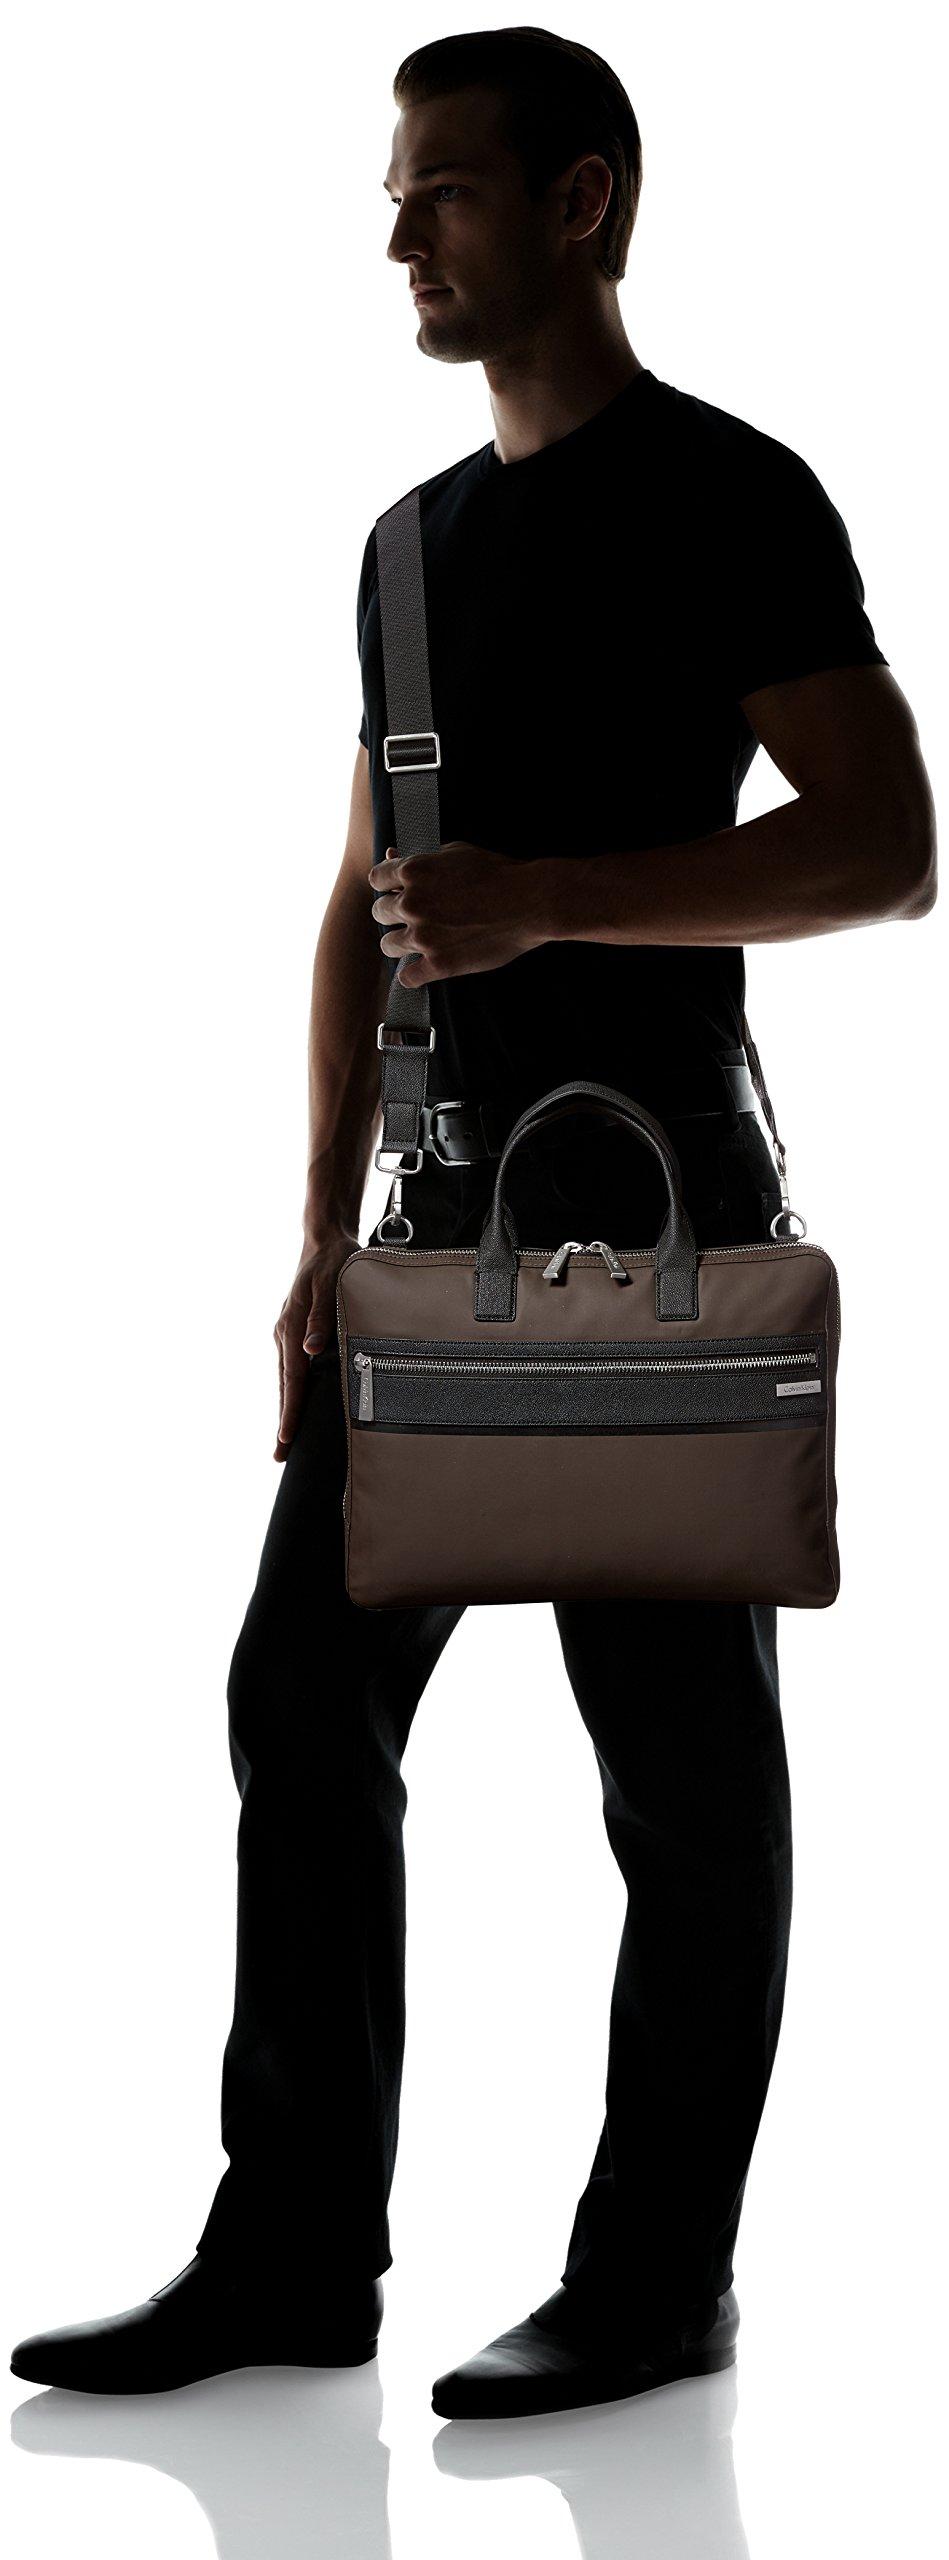 Calvin Klein Men's Nylon with Saffiano Trim Slim Attache, Dark Chocolate Brown by Calvin Klein (Image #6)